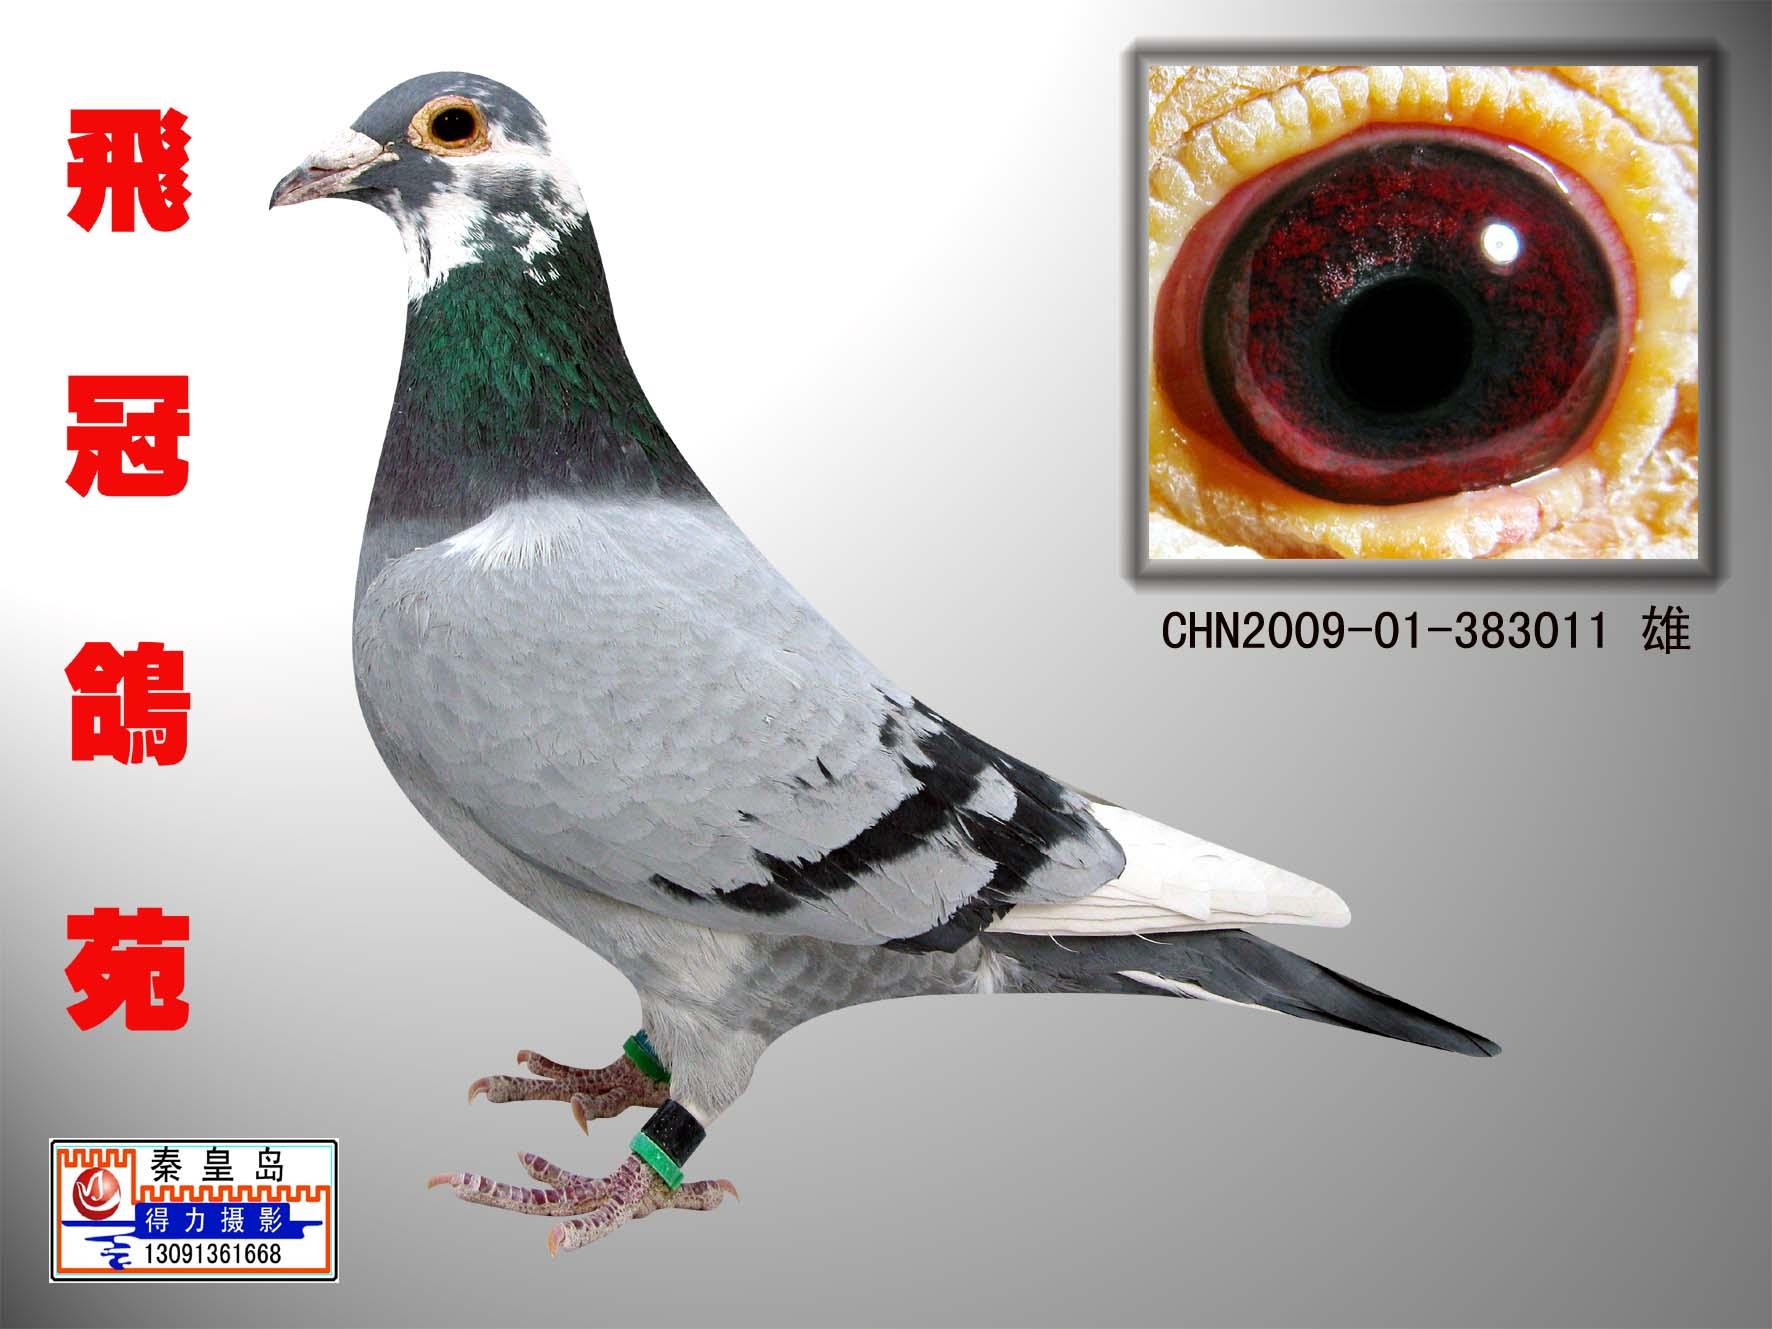 信鸽特征-王牌电脑戈马利